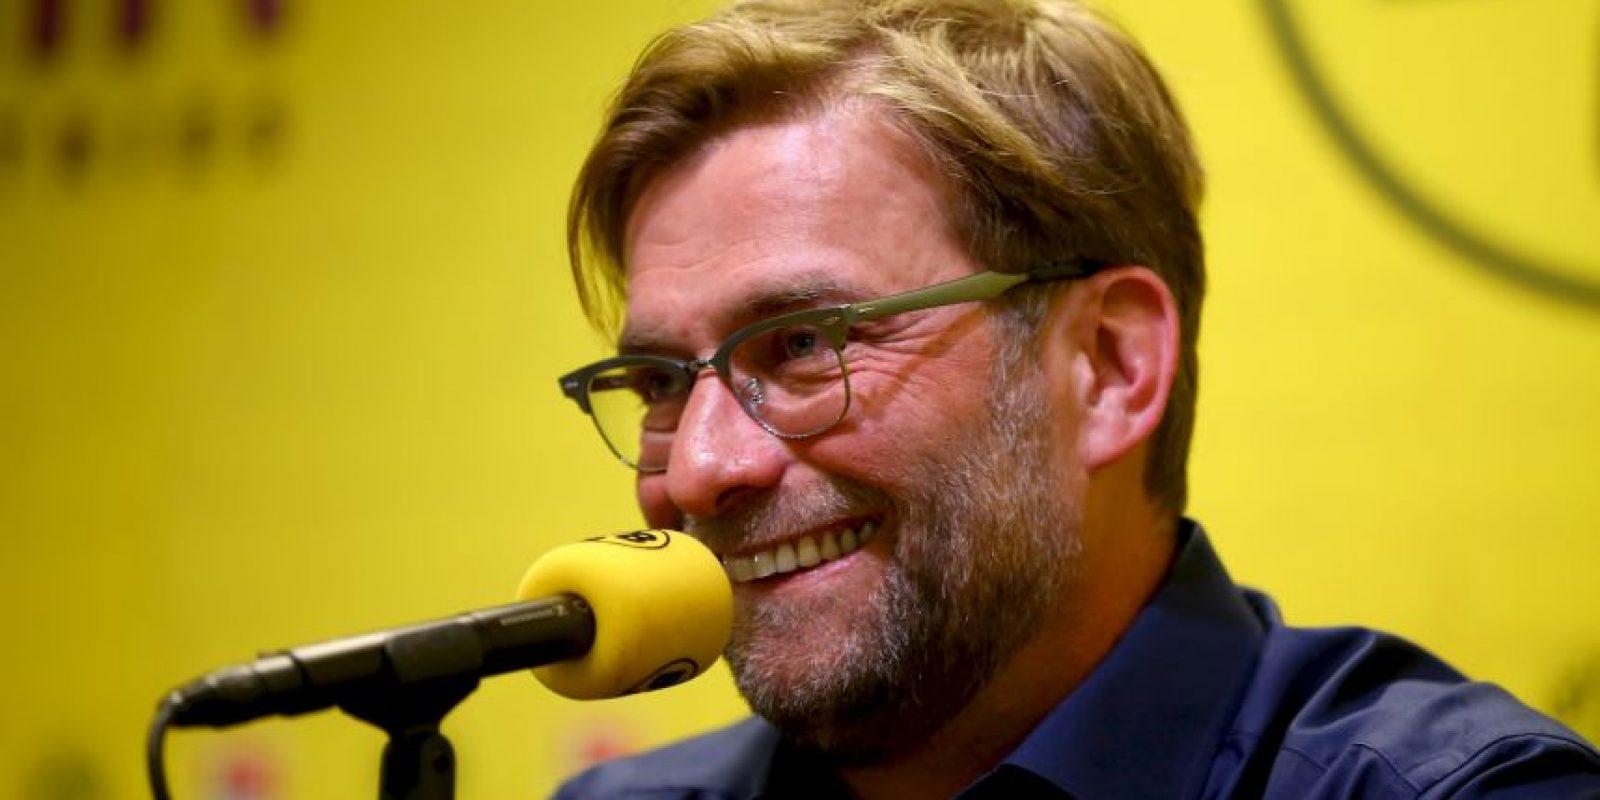 """El entrenador alemán de 47 años, uno de los más """"deseados"""" en la actualidad, es agente libre tras finalizar su relación con el Borussia Dortmund de la Bundesliga. Foto:Getty Images"""